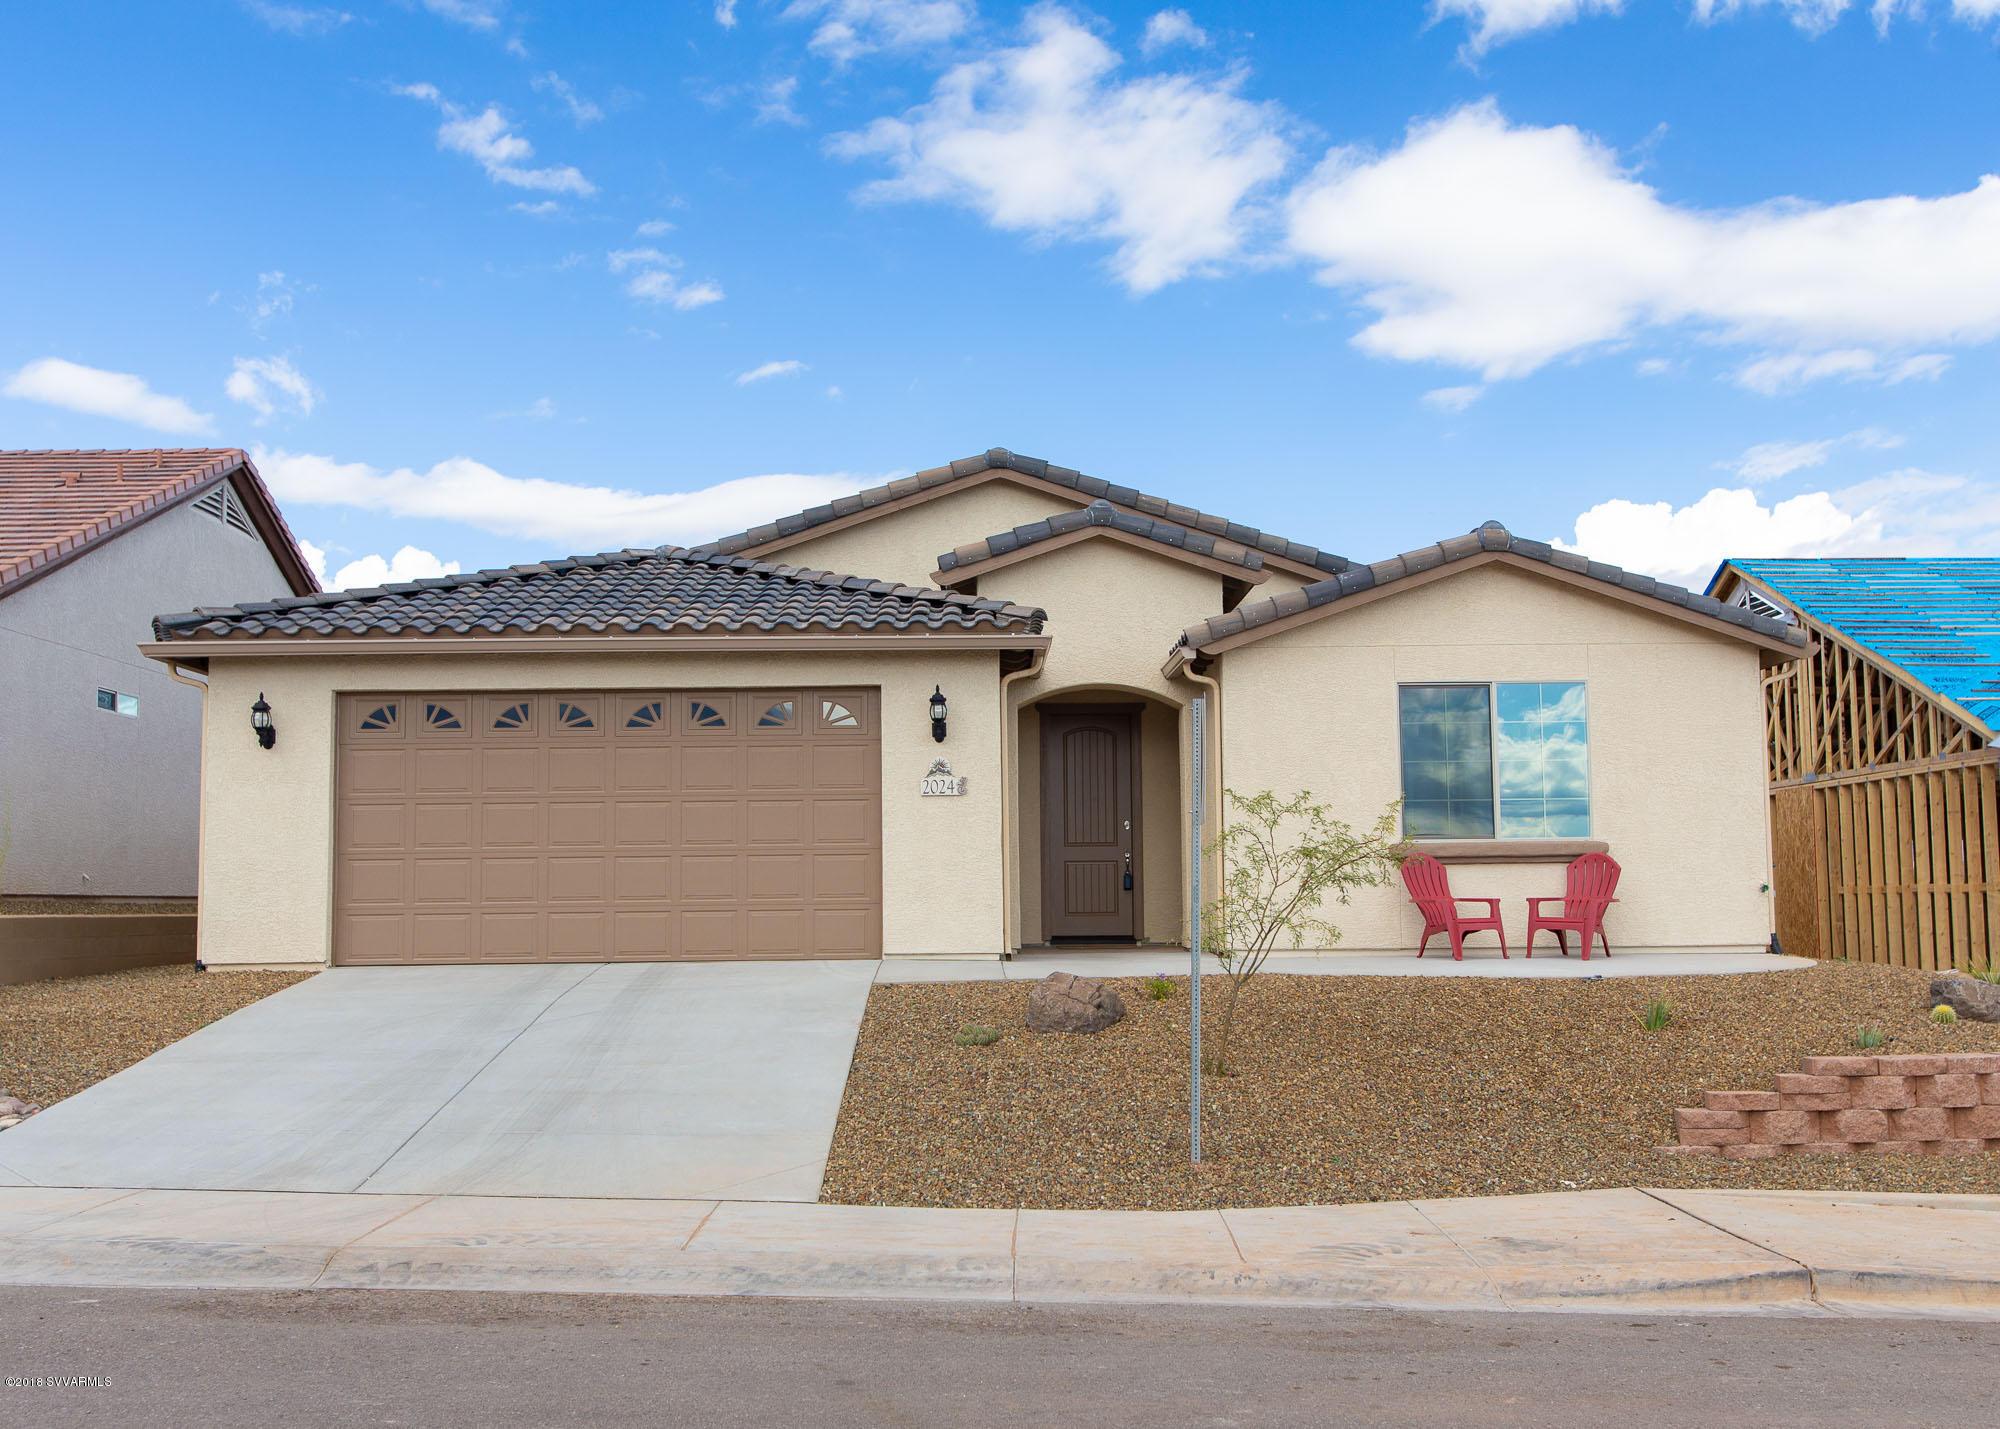 2044 Golddust Circle Cottonwood, AZ 86326